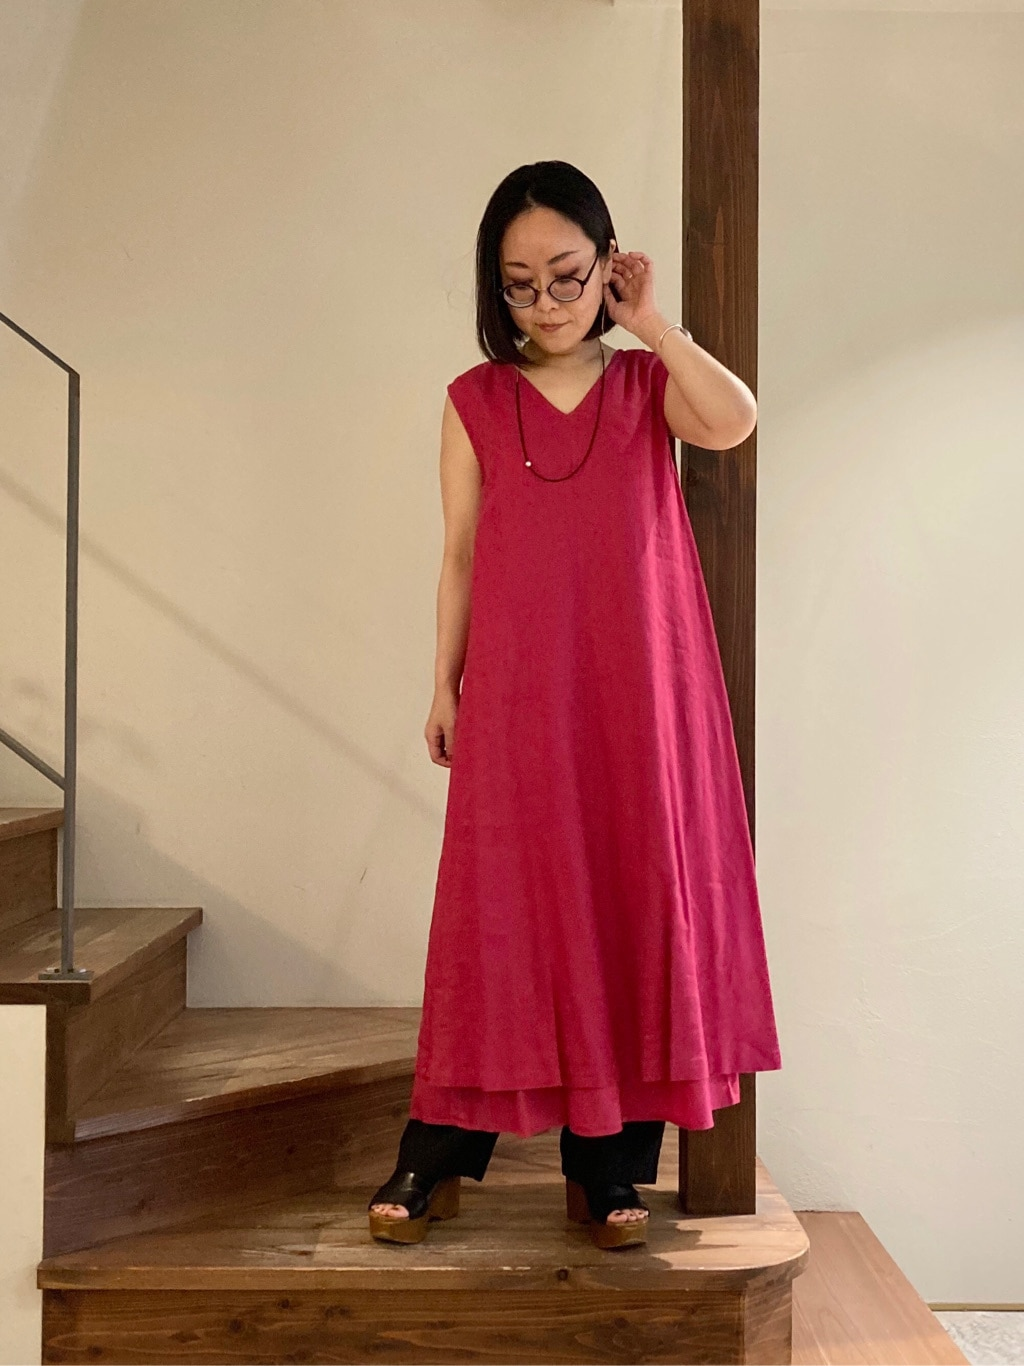 yuni 京都路面 身長:152cm 2021.06.15